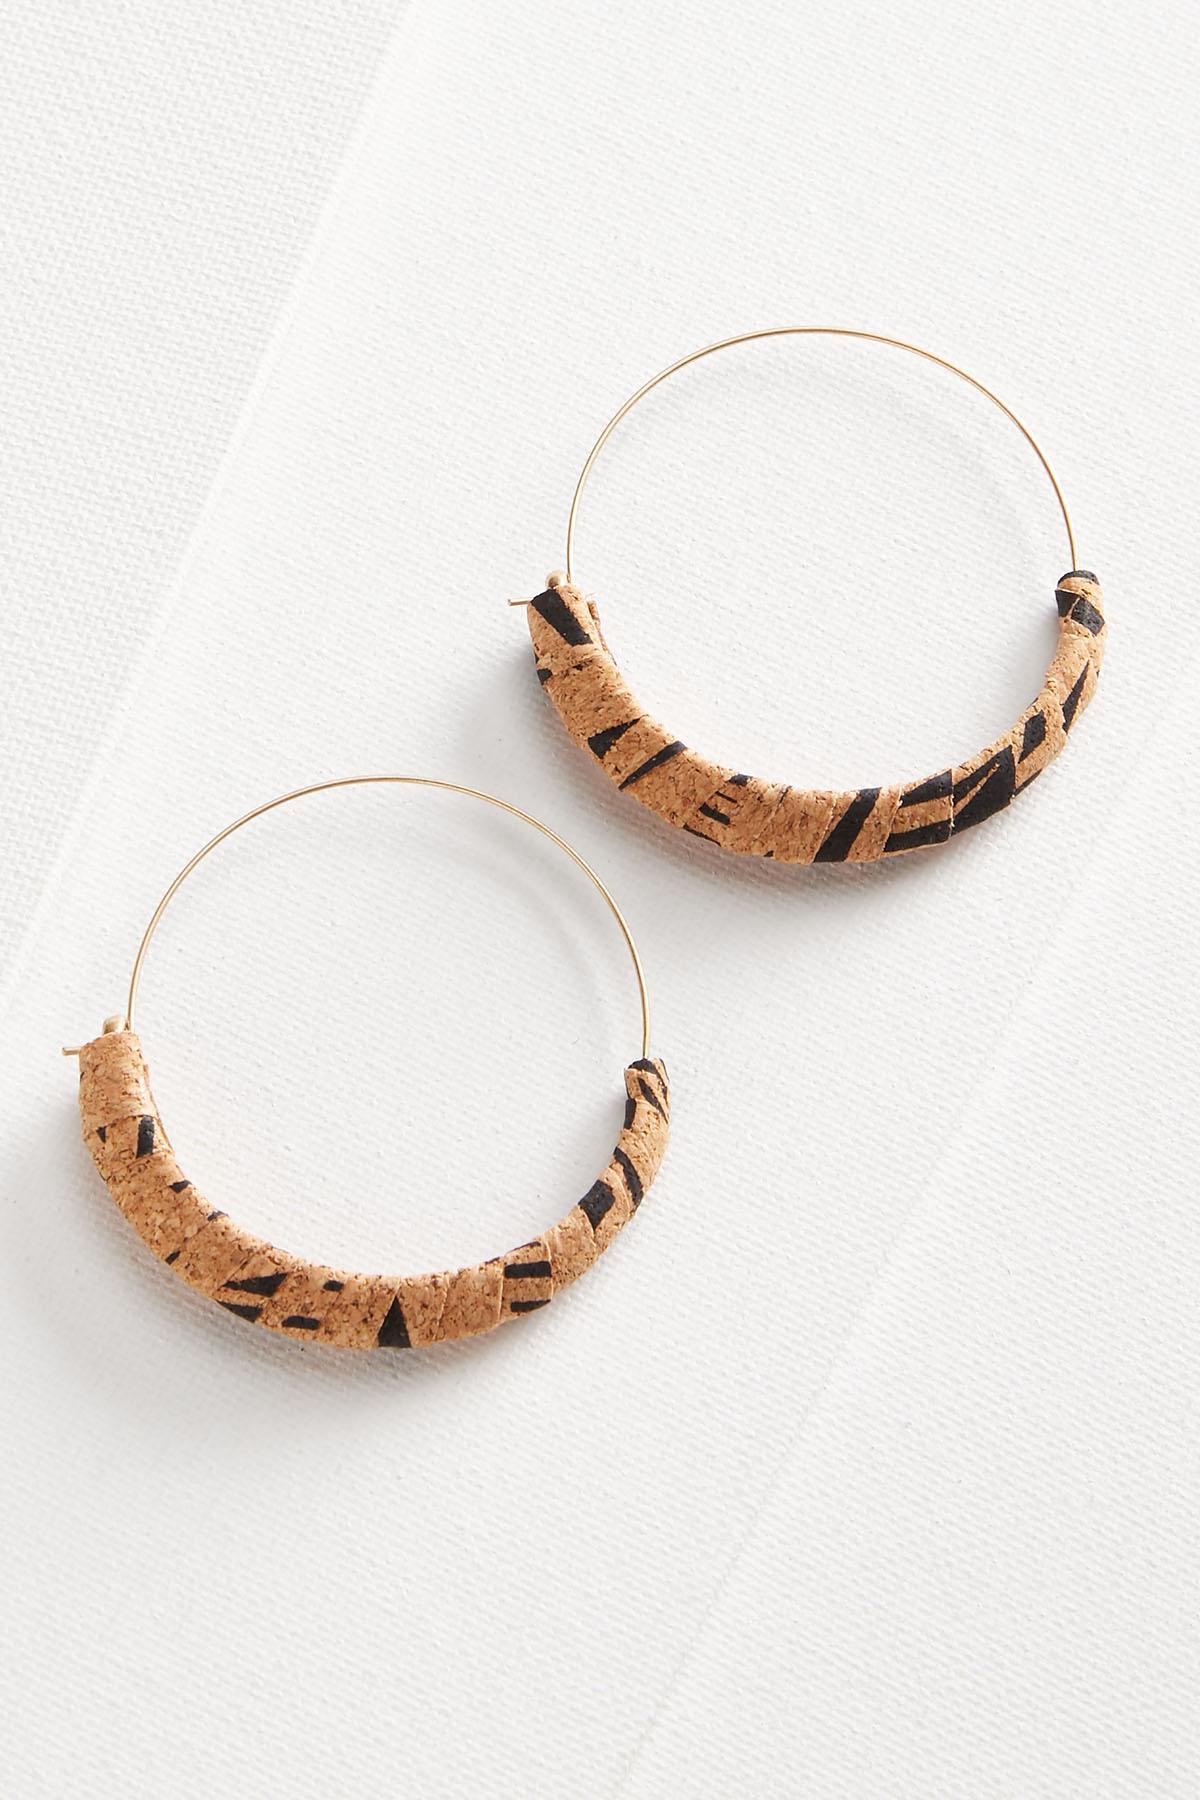 Cork Wrapped Hoop Earrings